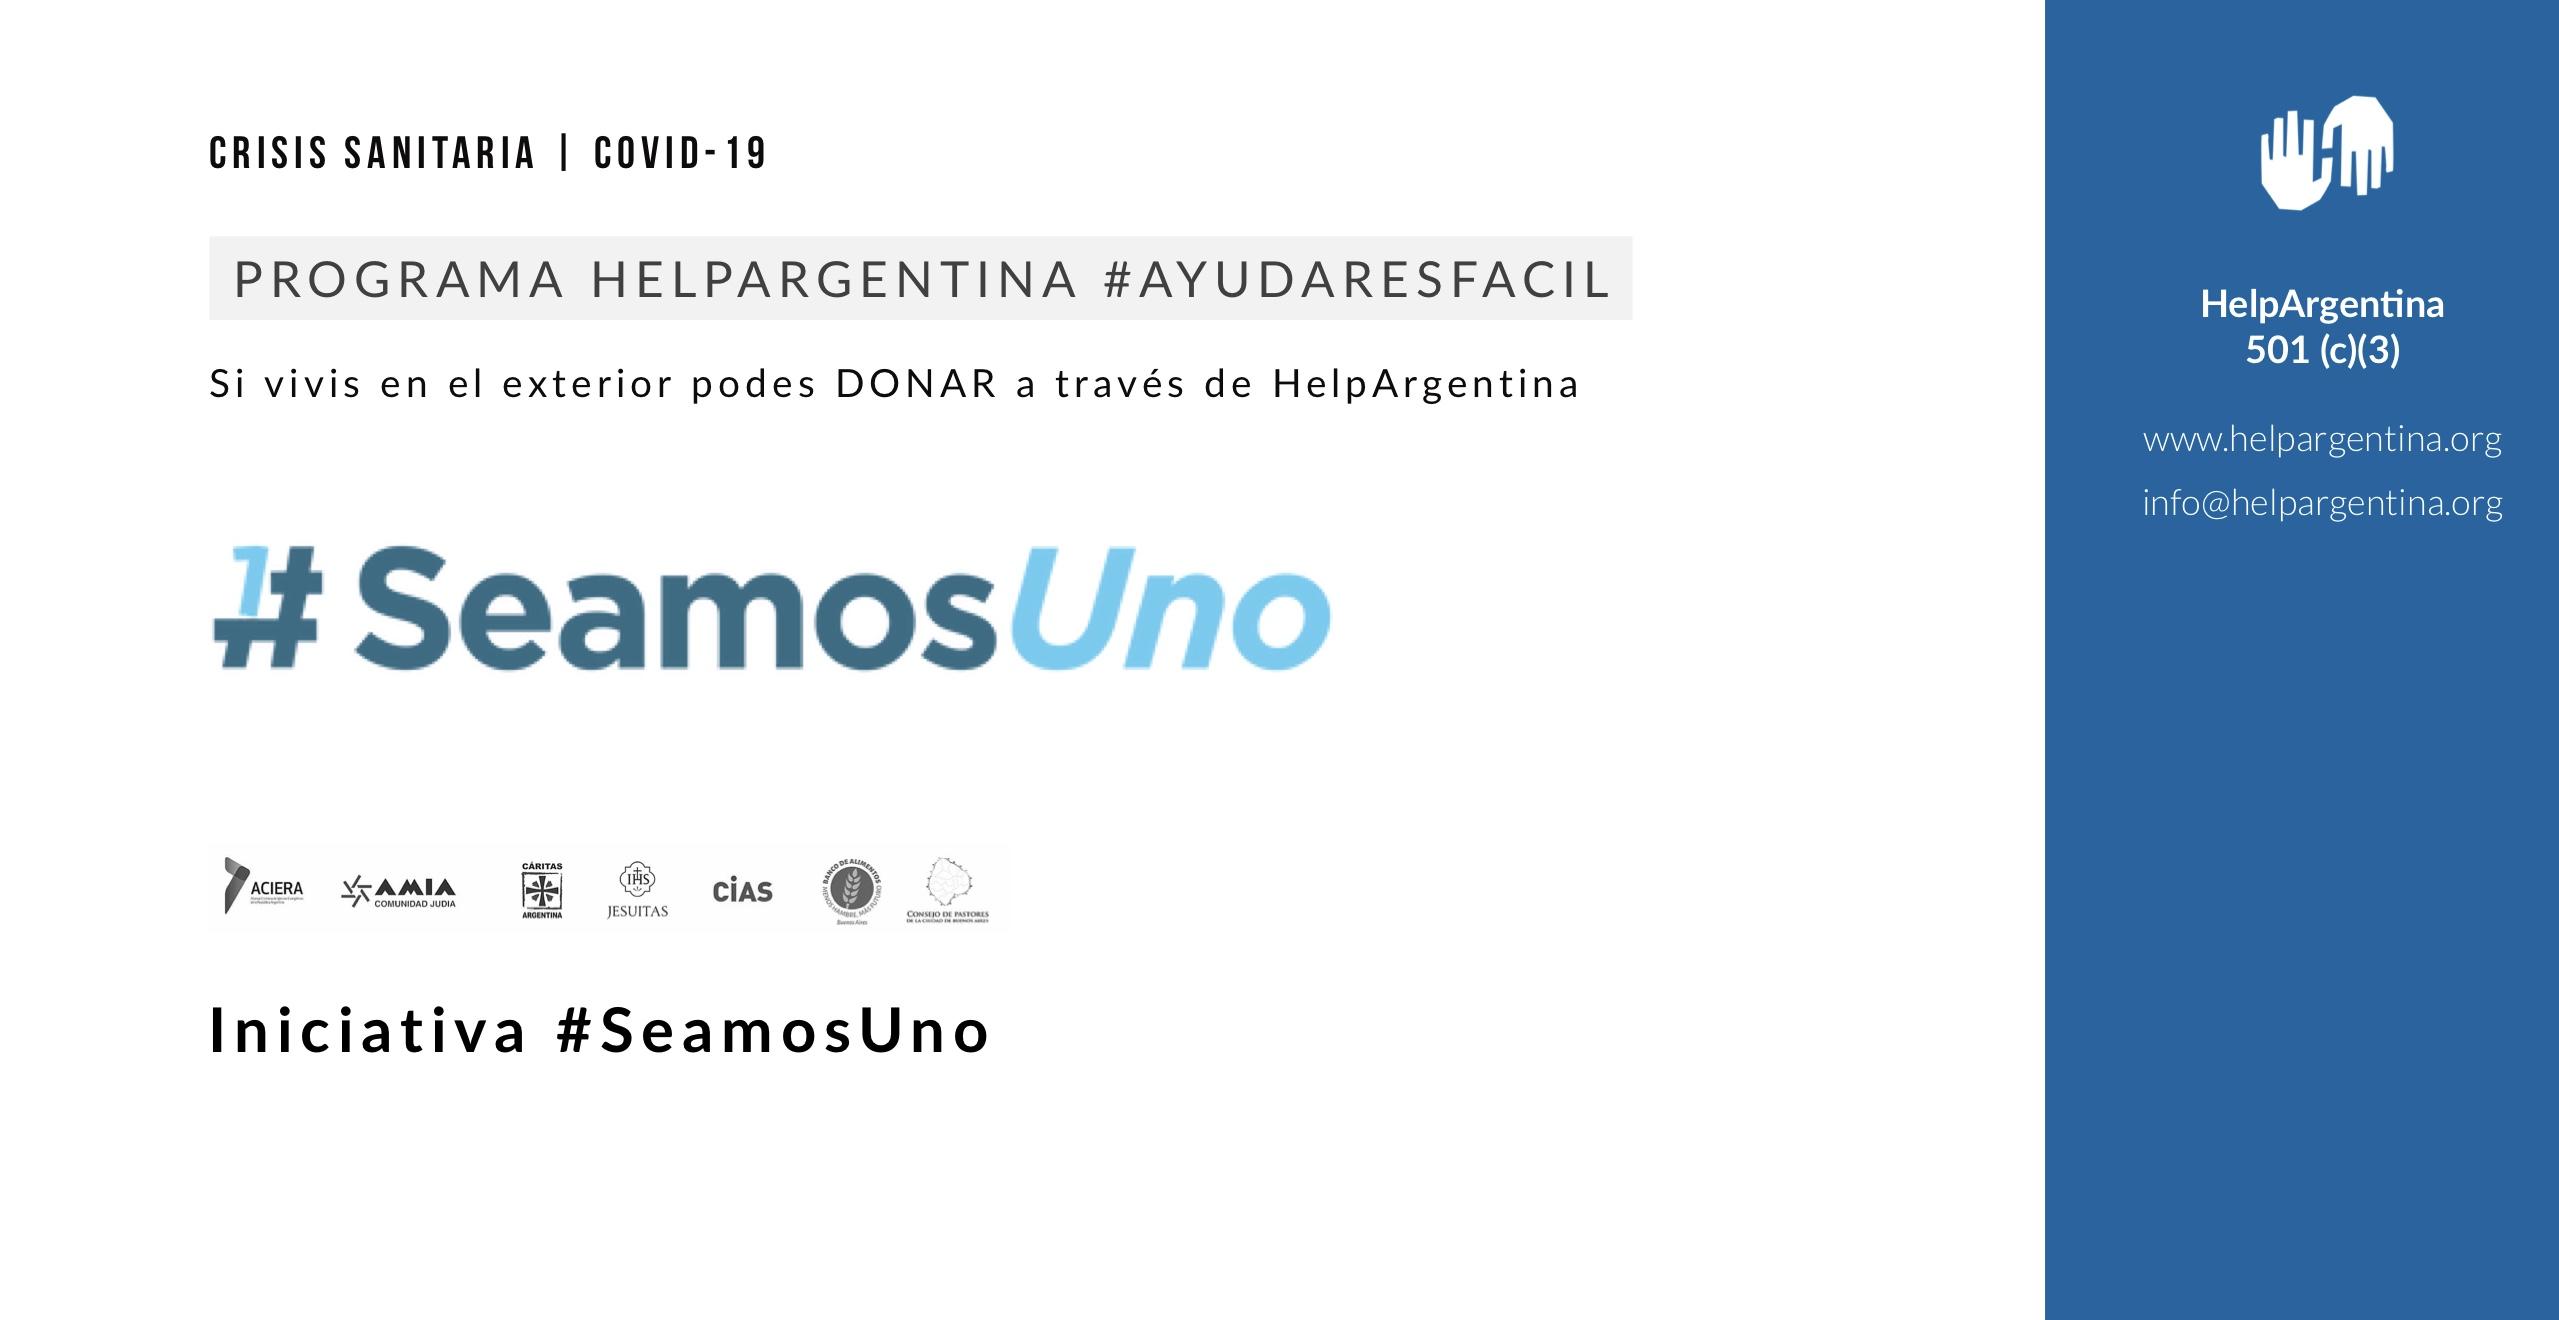 #SeamosUno